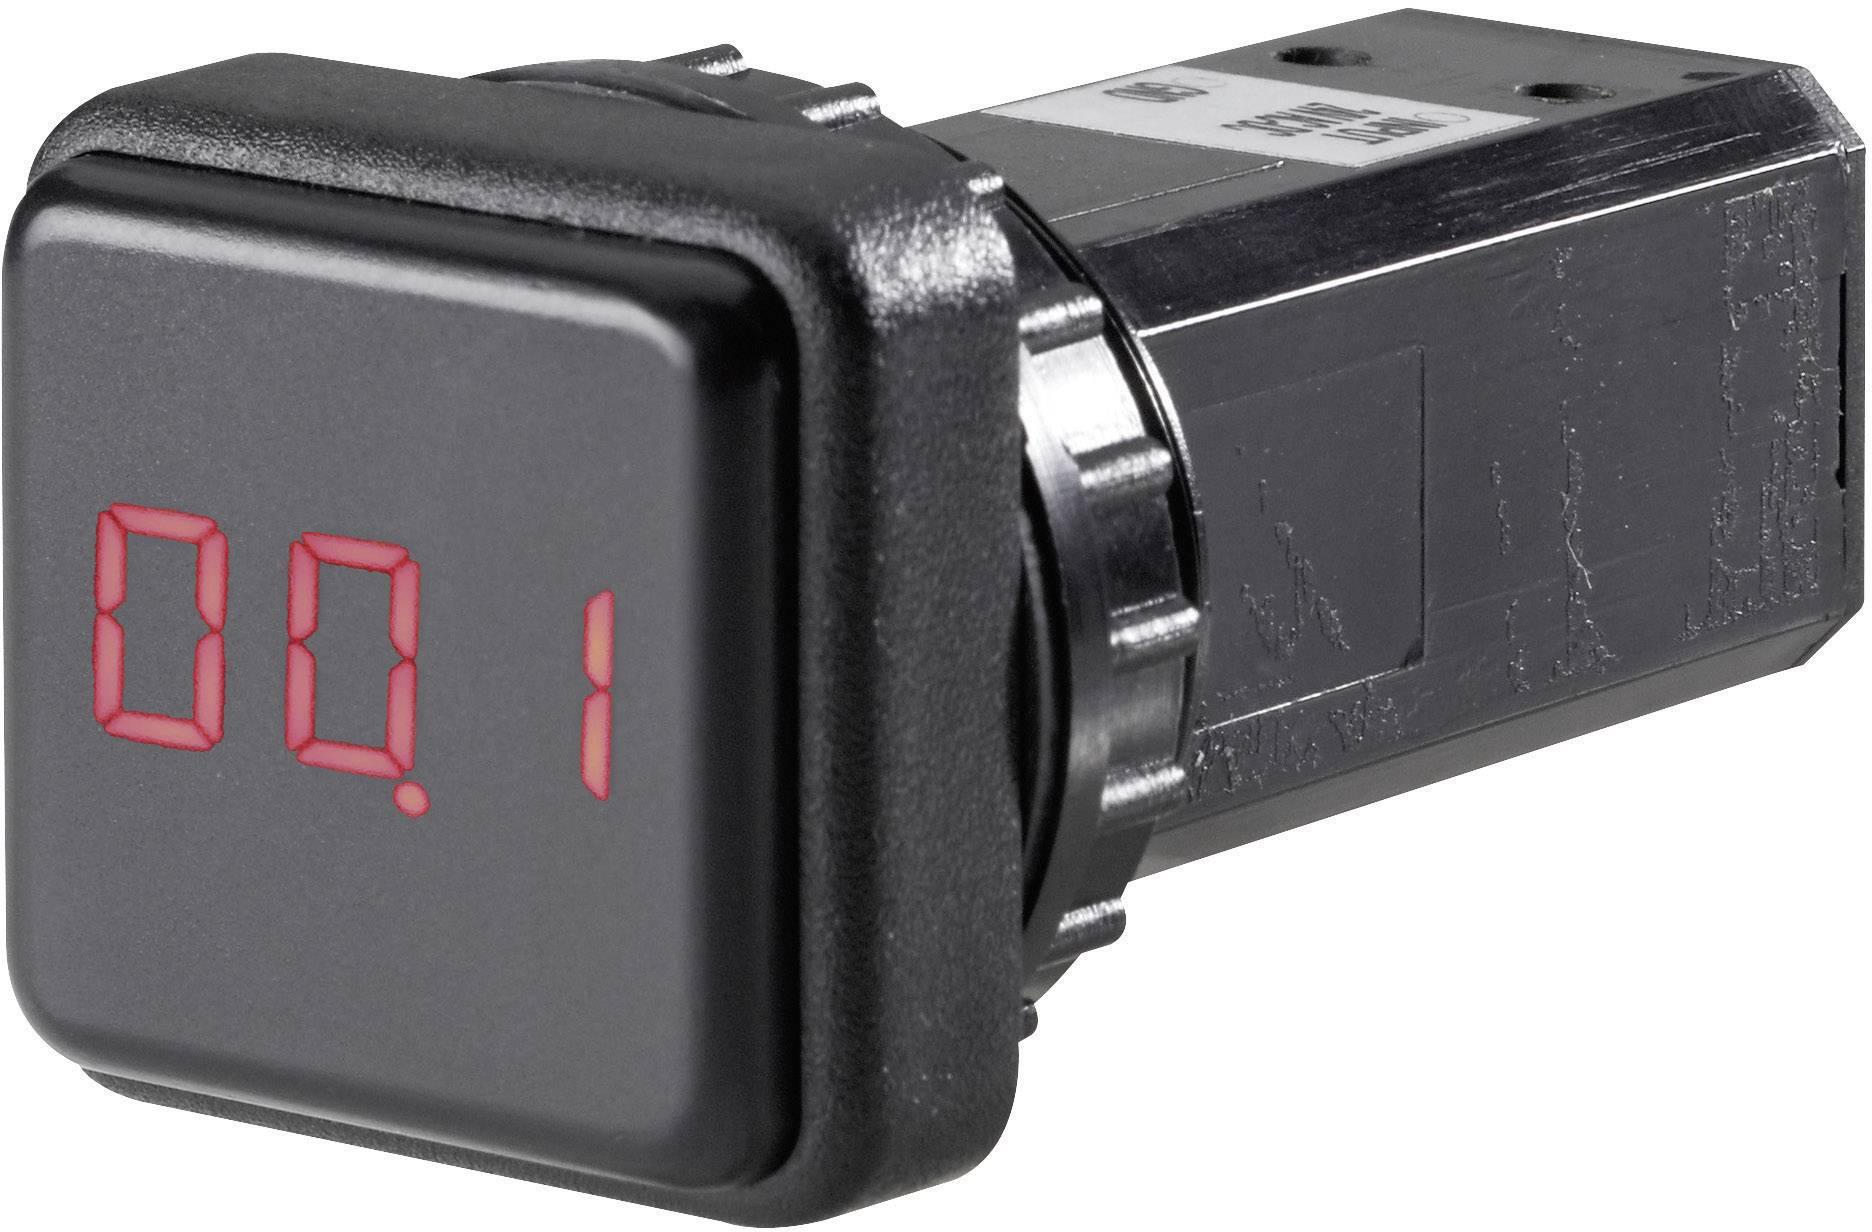 Montážny LED displej Weigel QMD, 0 - 15 A/DC, 24 V/DC